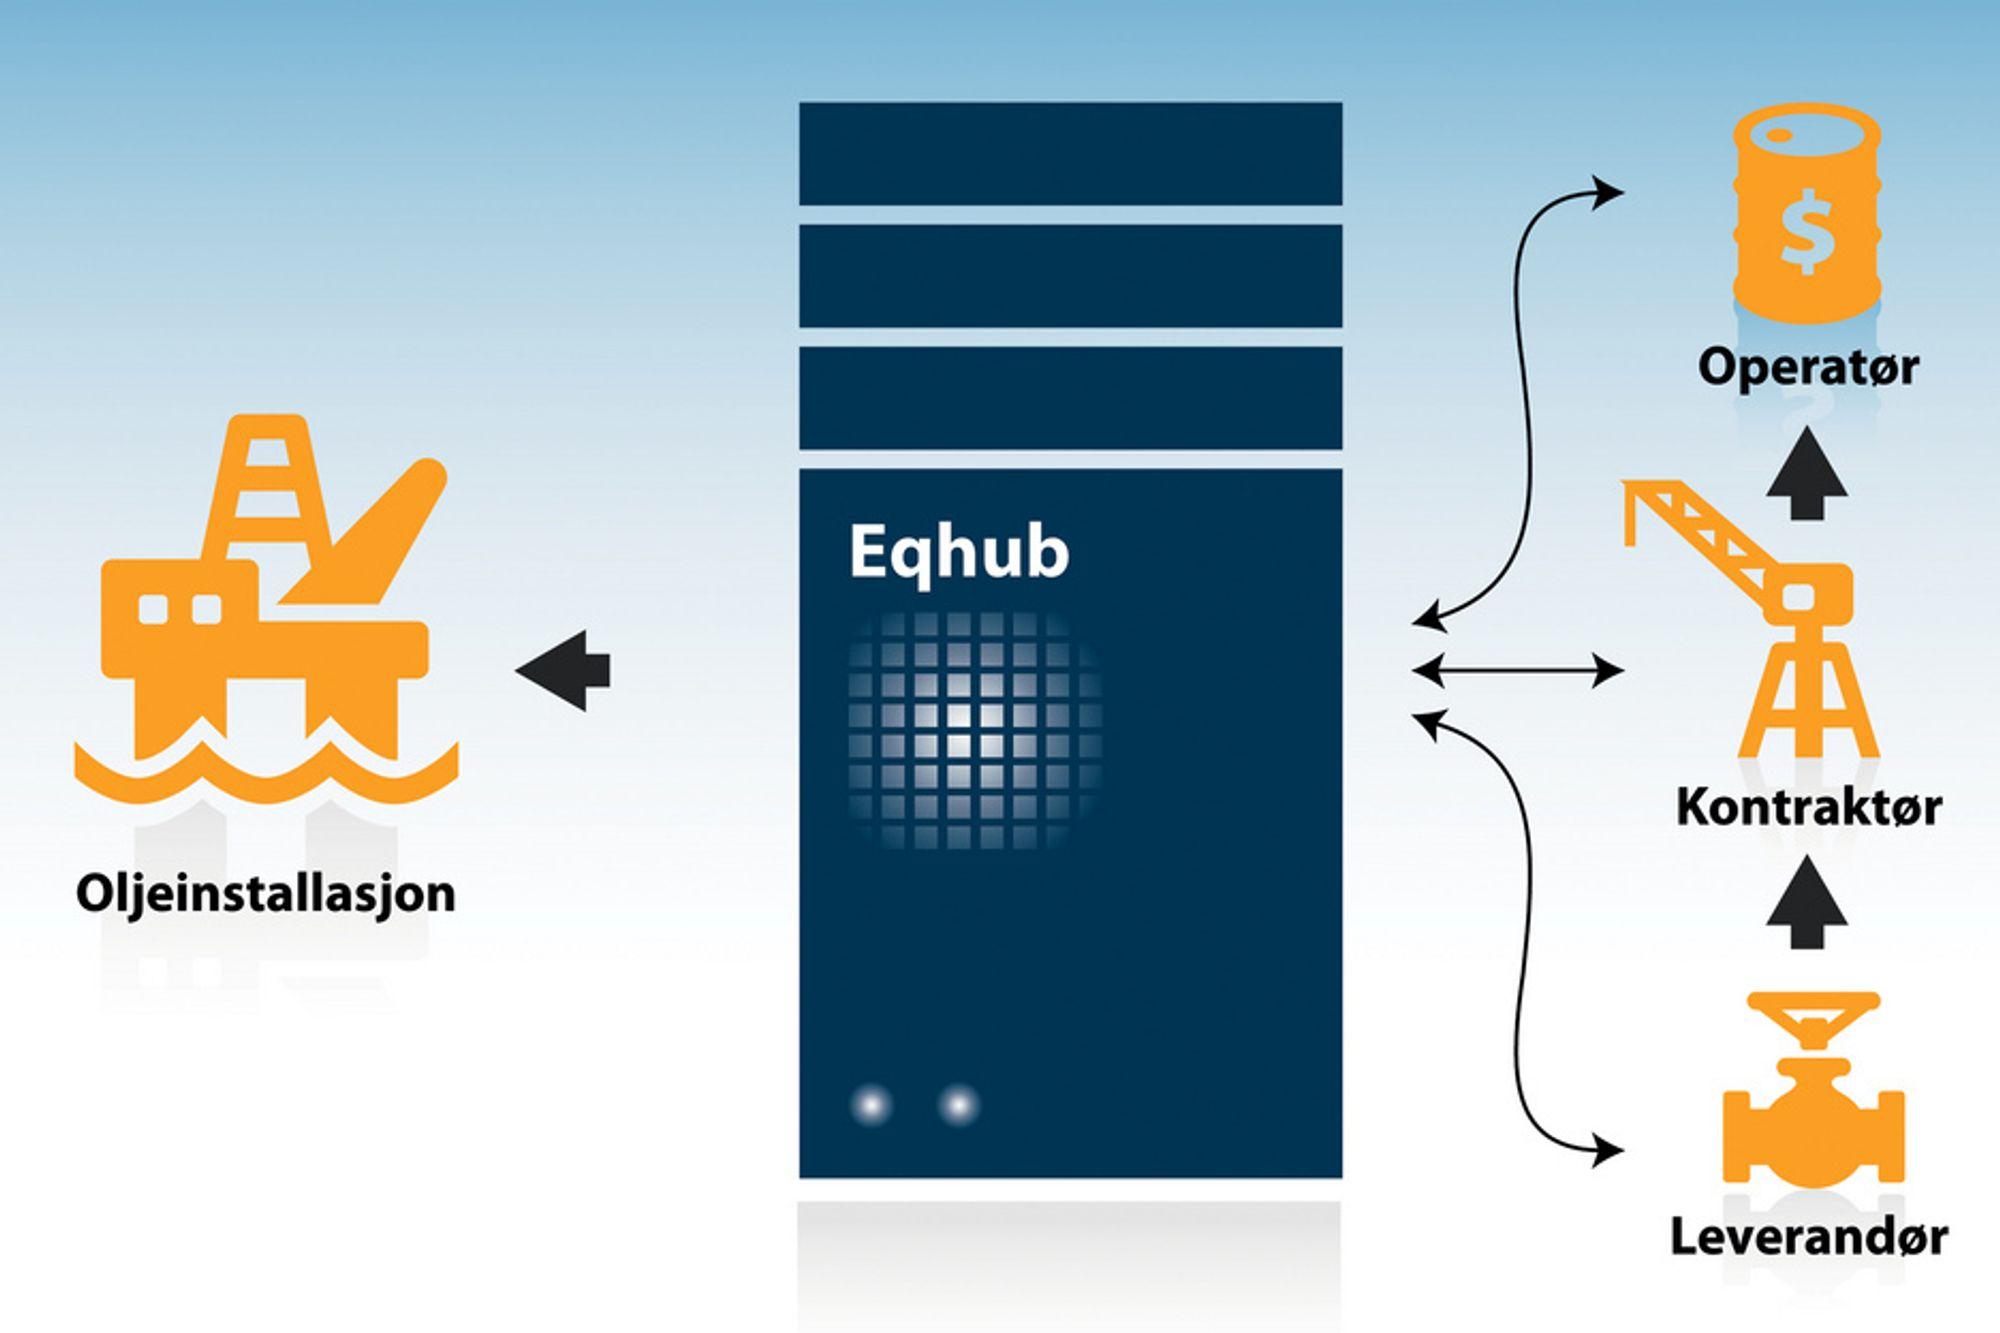 KJAPPERE OG BEDRE: Denne skissen viser hvordan Eqhub samler og kvalitetssikrer utstyrsdokumentasjonen i én database. Dermed får alle parter tilgang til den informasjonen de trenger ved de ulike prosjektene med langt mindre administrativ innsats enn før.